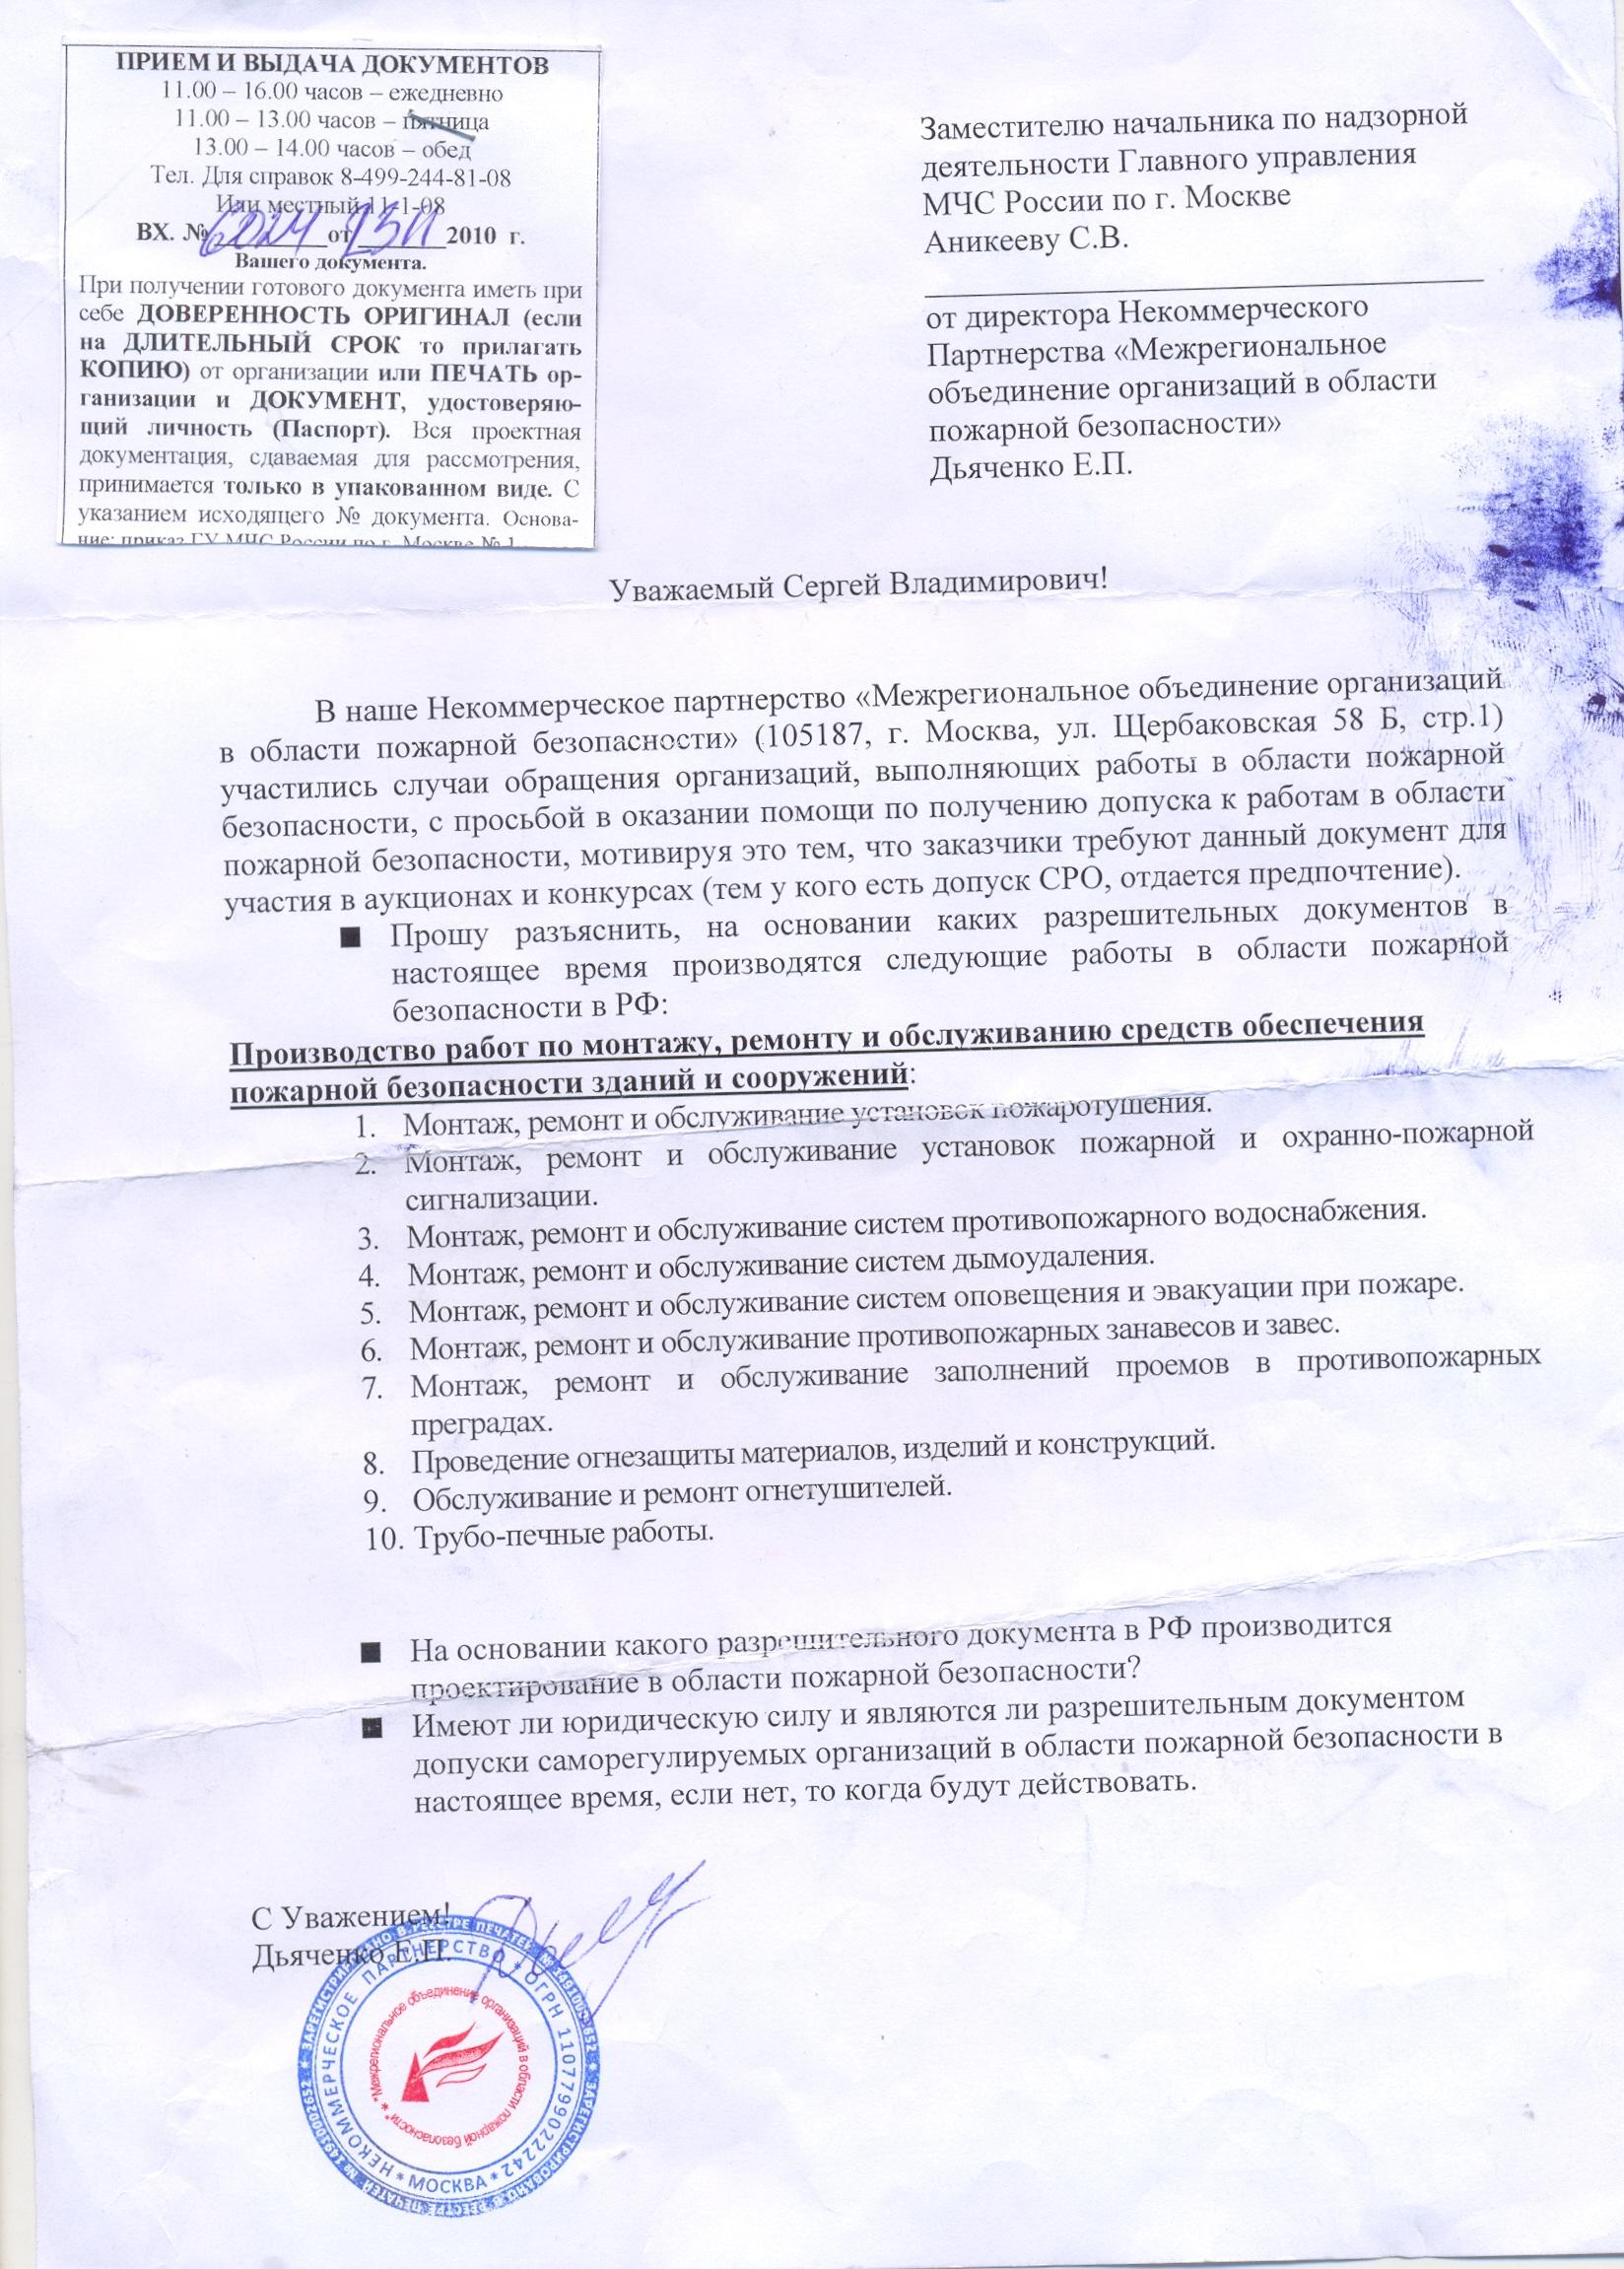 Лицензия МЧС на проектирование